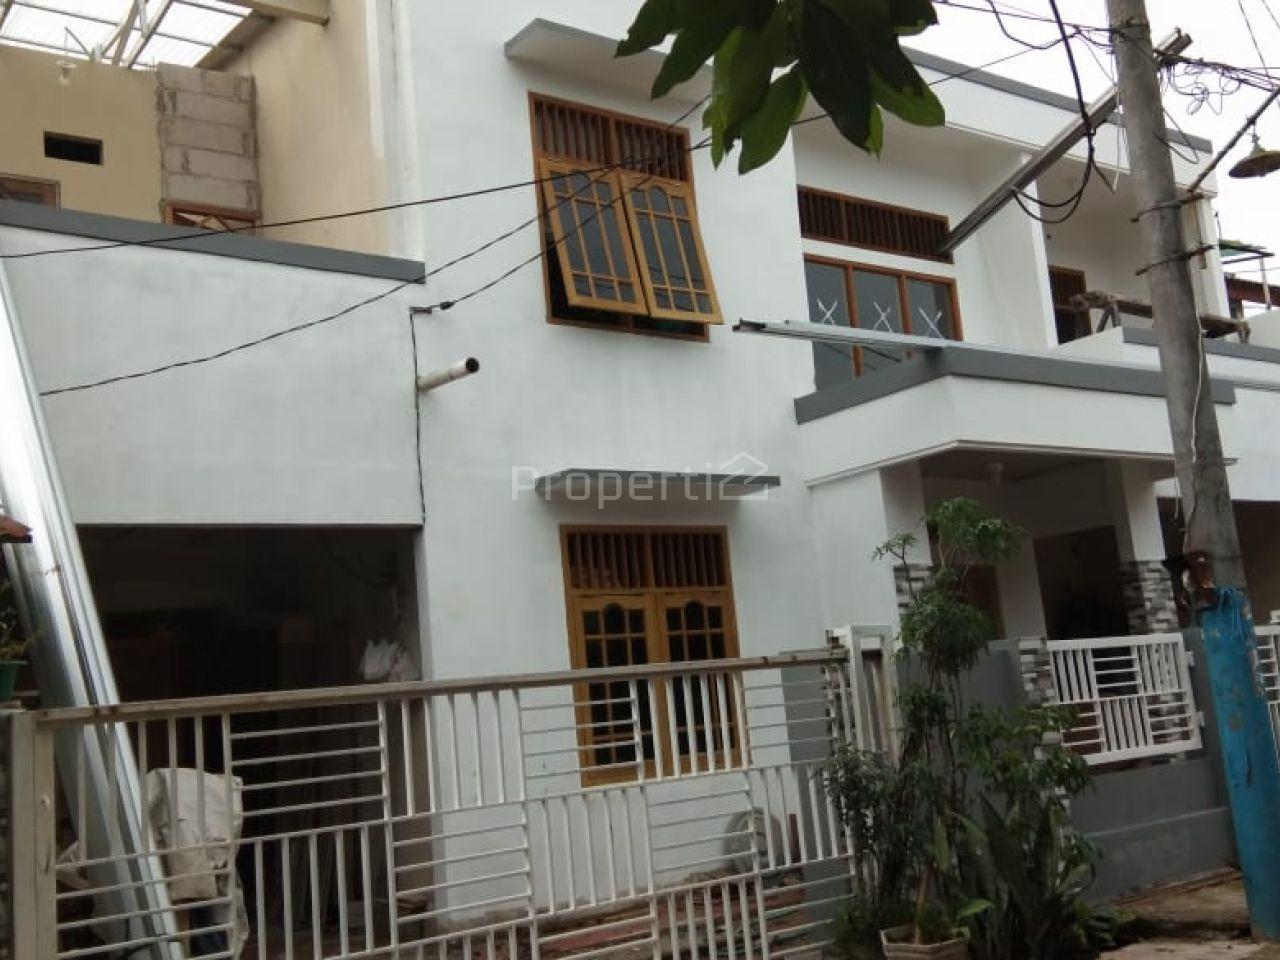 Rumah Baru di Cimanggis, Kota Depok, Jawa Barat